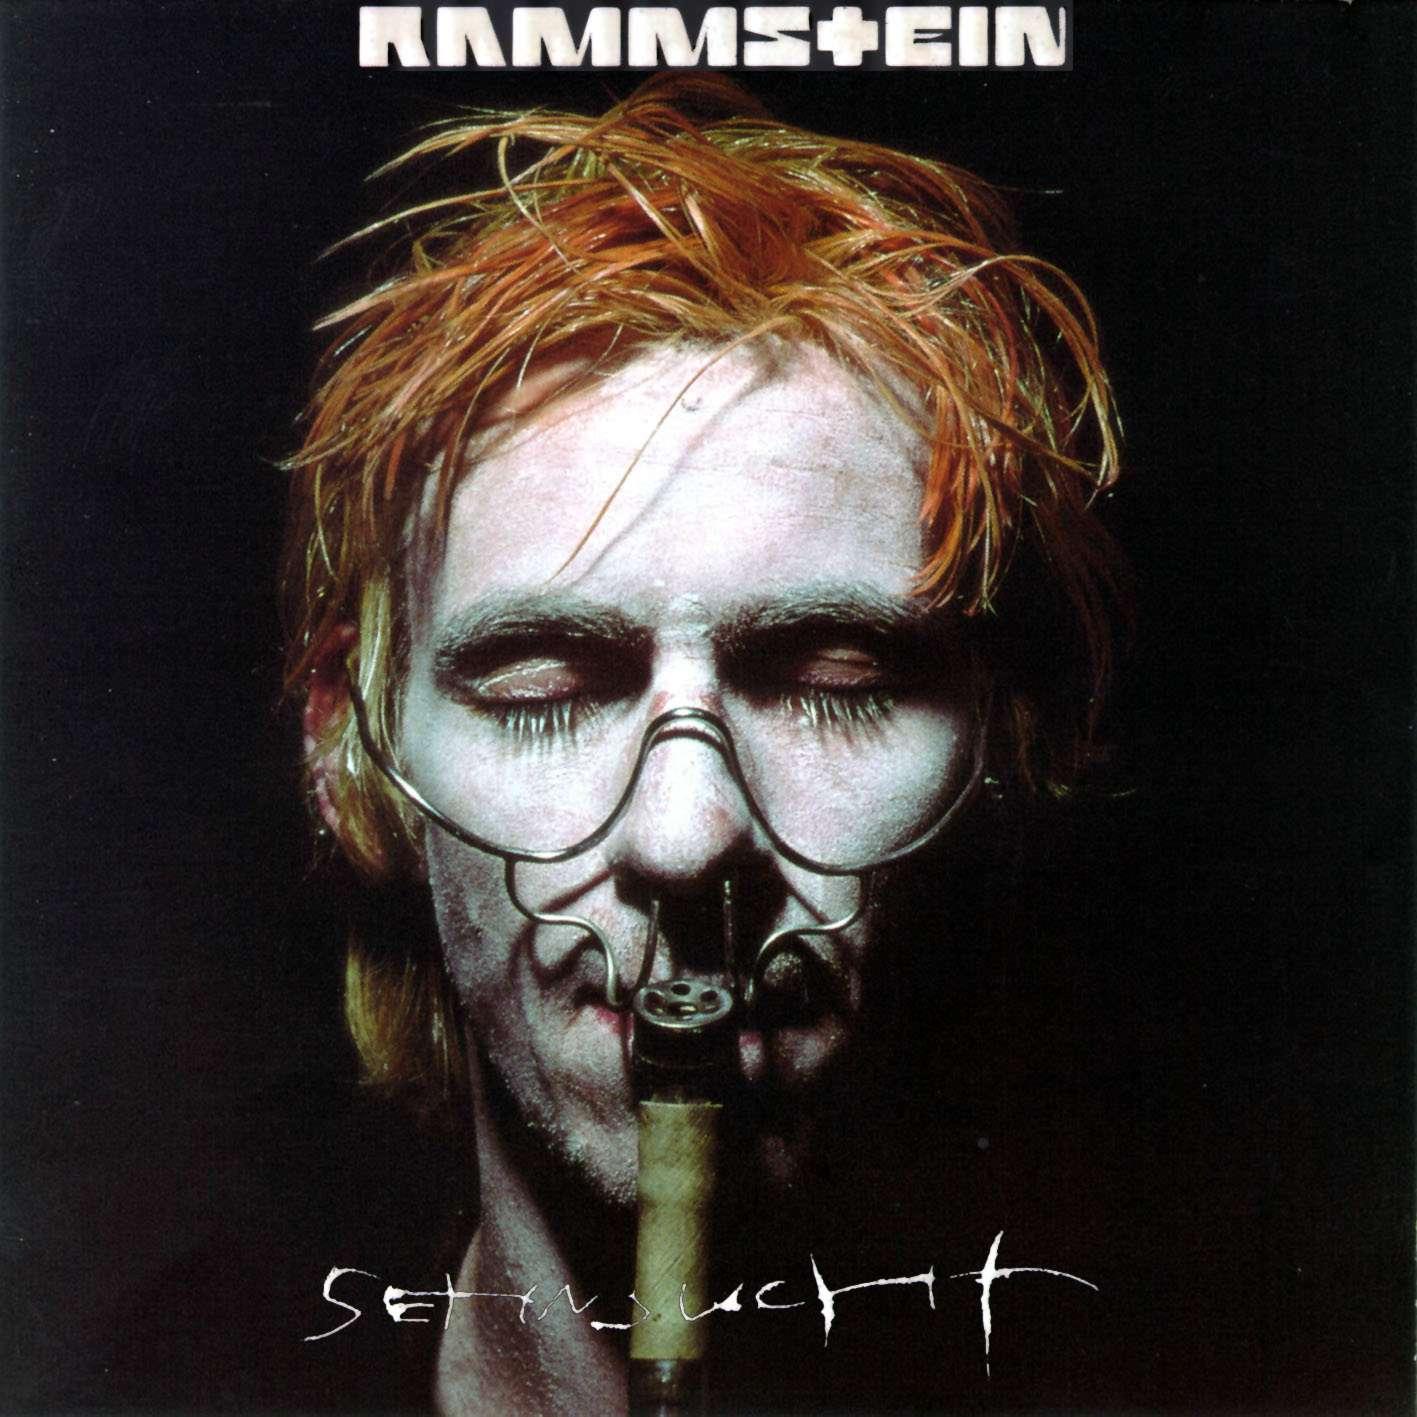 Тексты песен Sehnsucht Rammstein - Альбом Sehnsucht